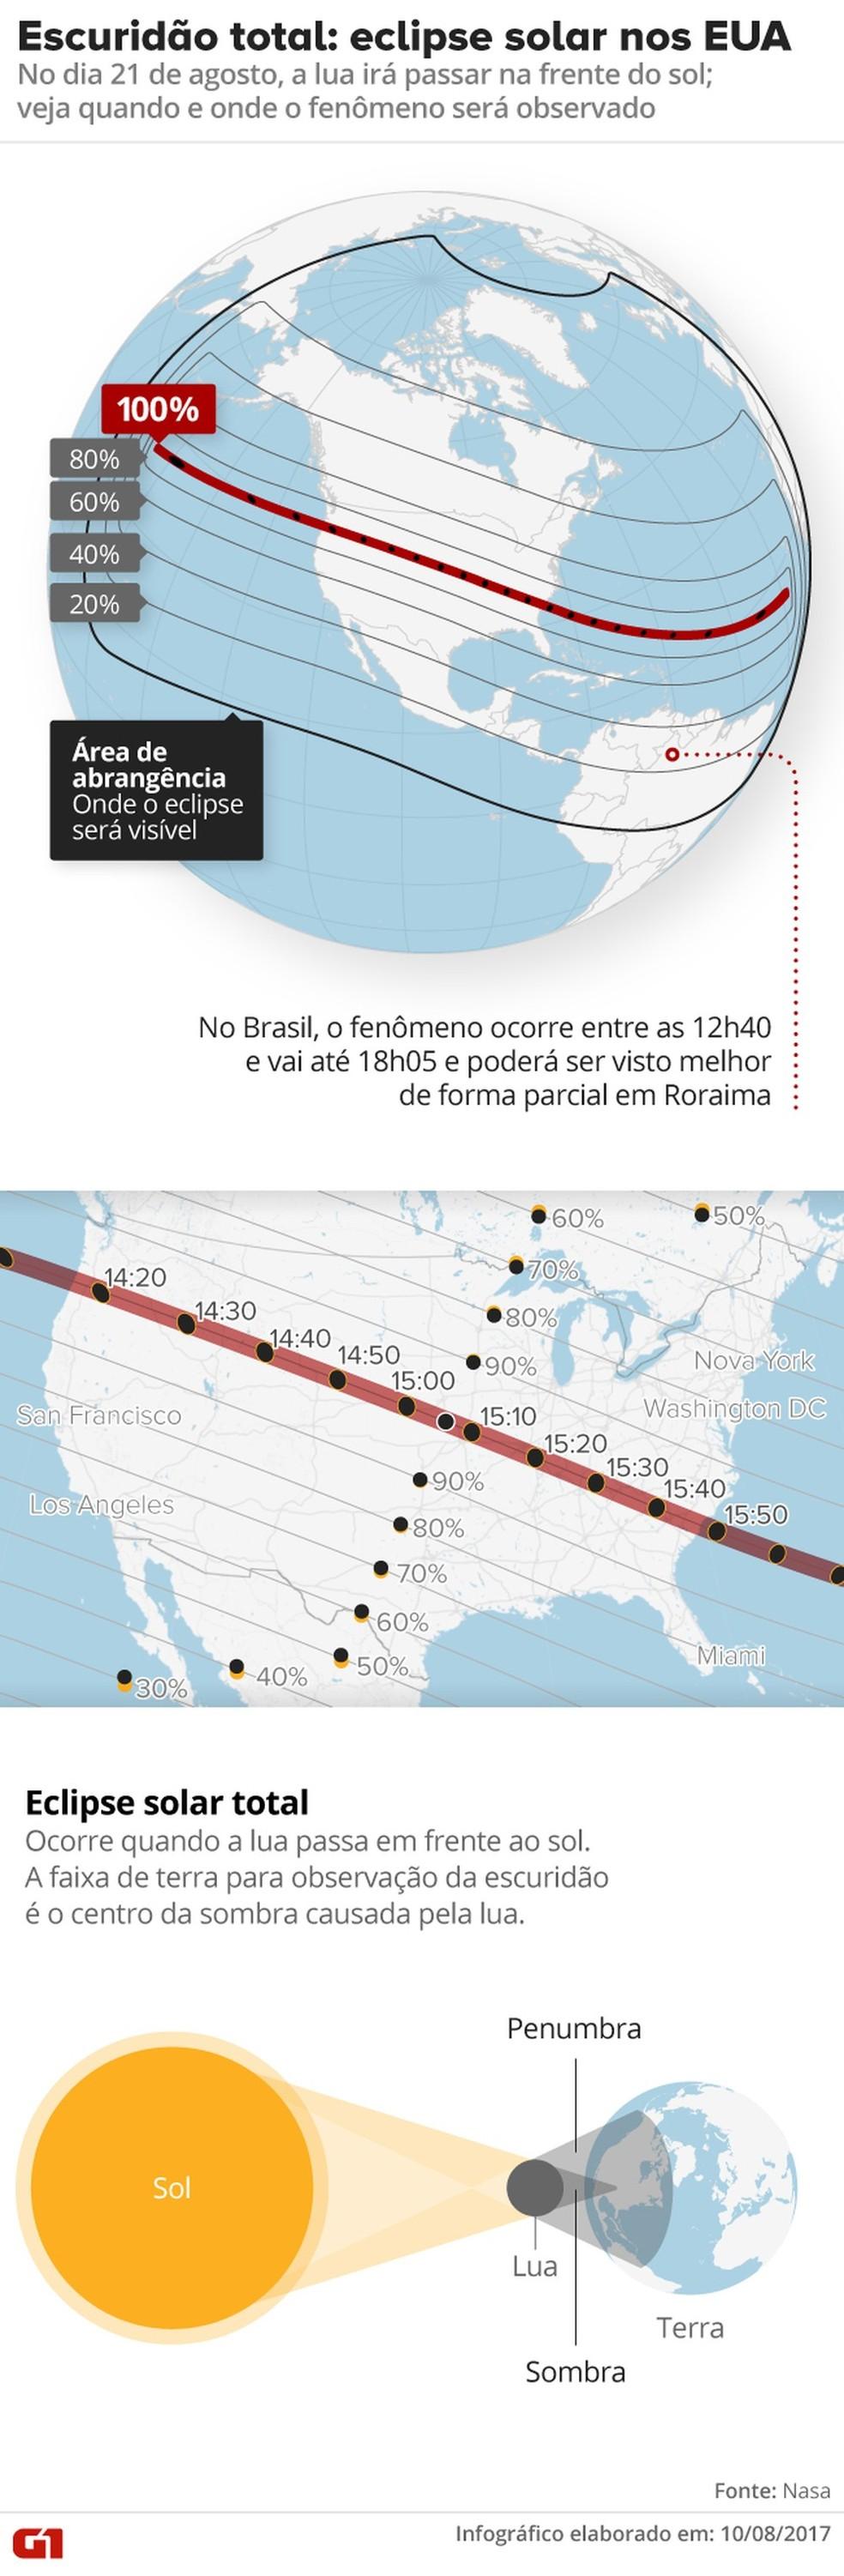 Eclipse solar nos EUA (Foto: Arte/G1)